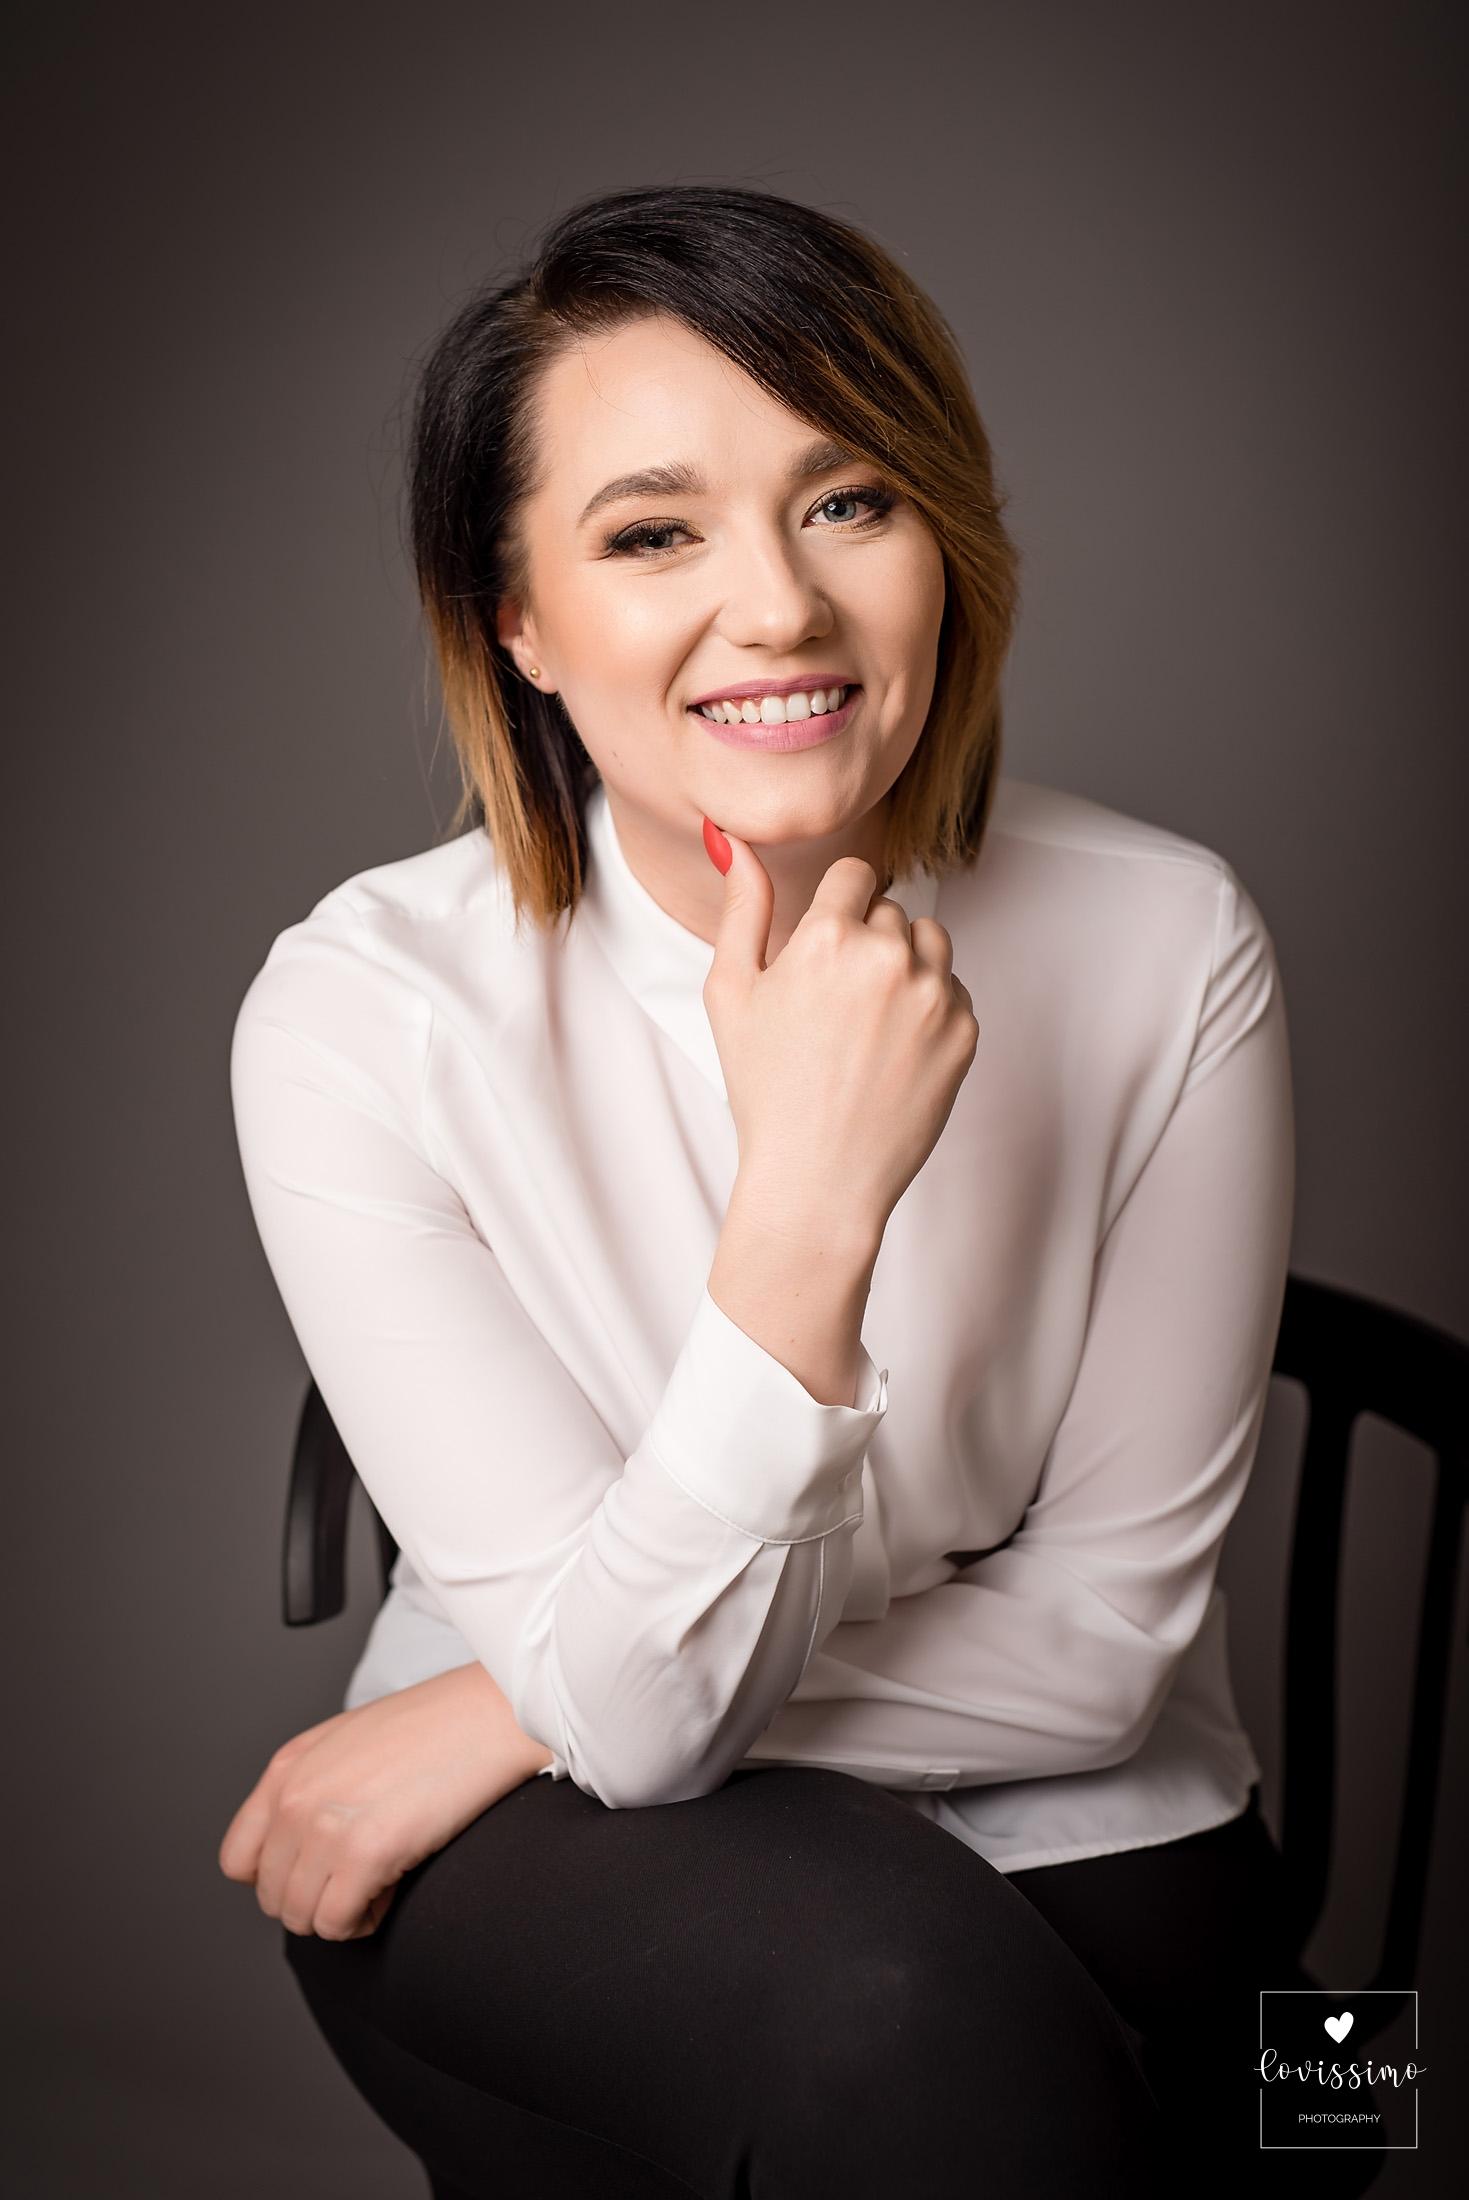 Portret biznesowy, profesjonalny, zdjęcie do cv Rzeszów